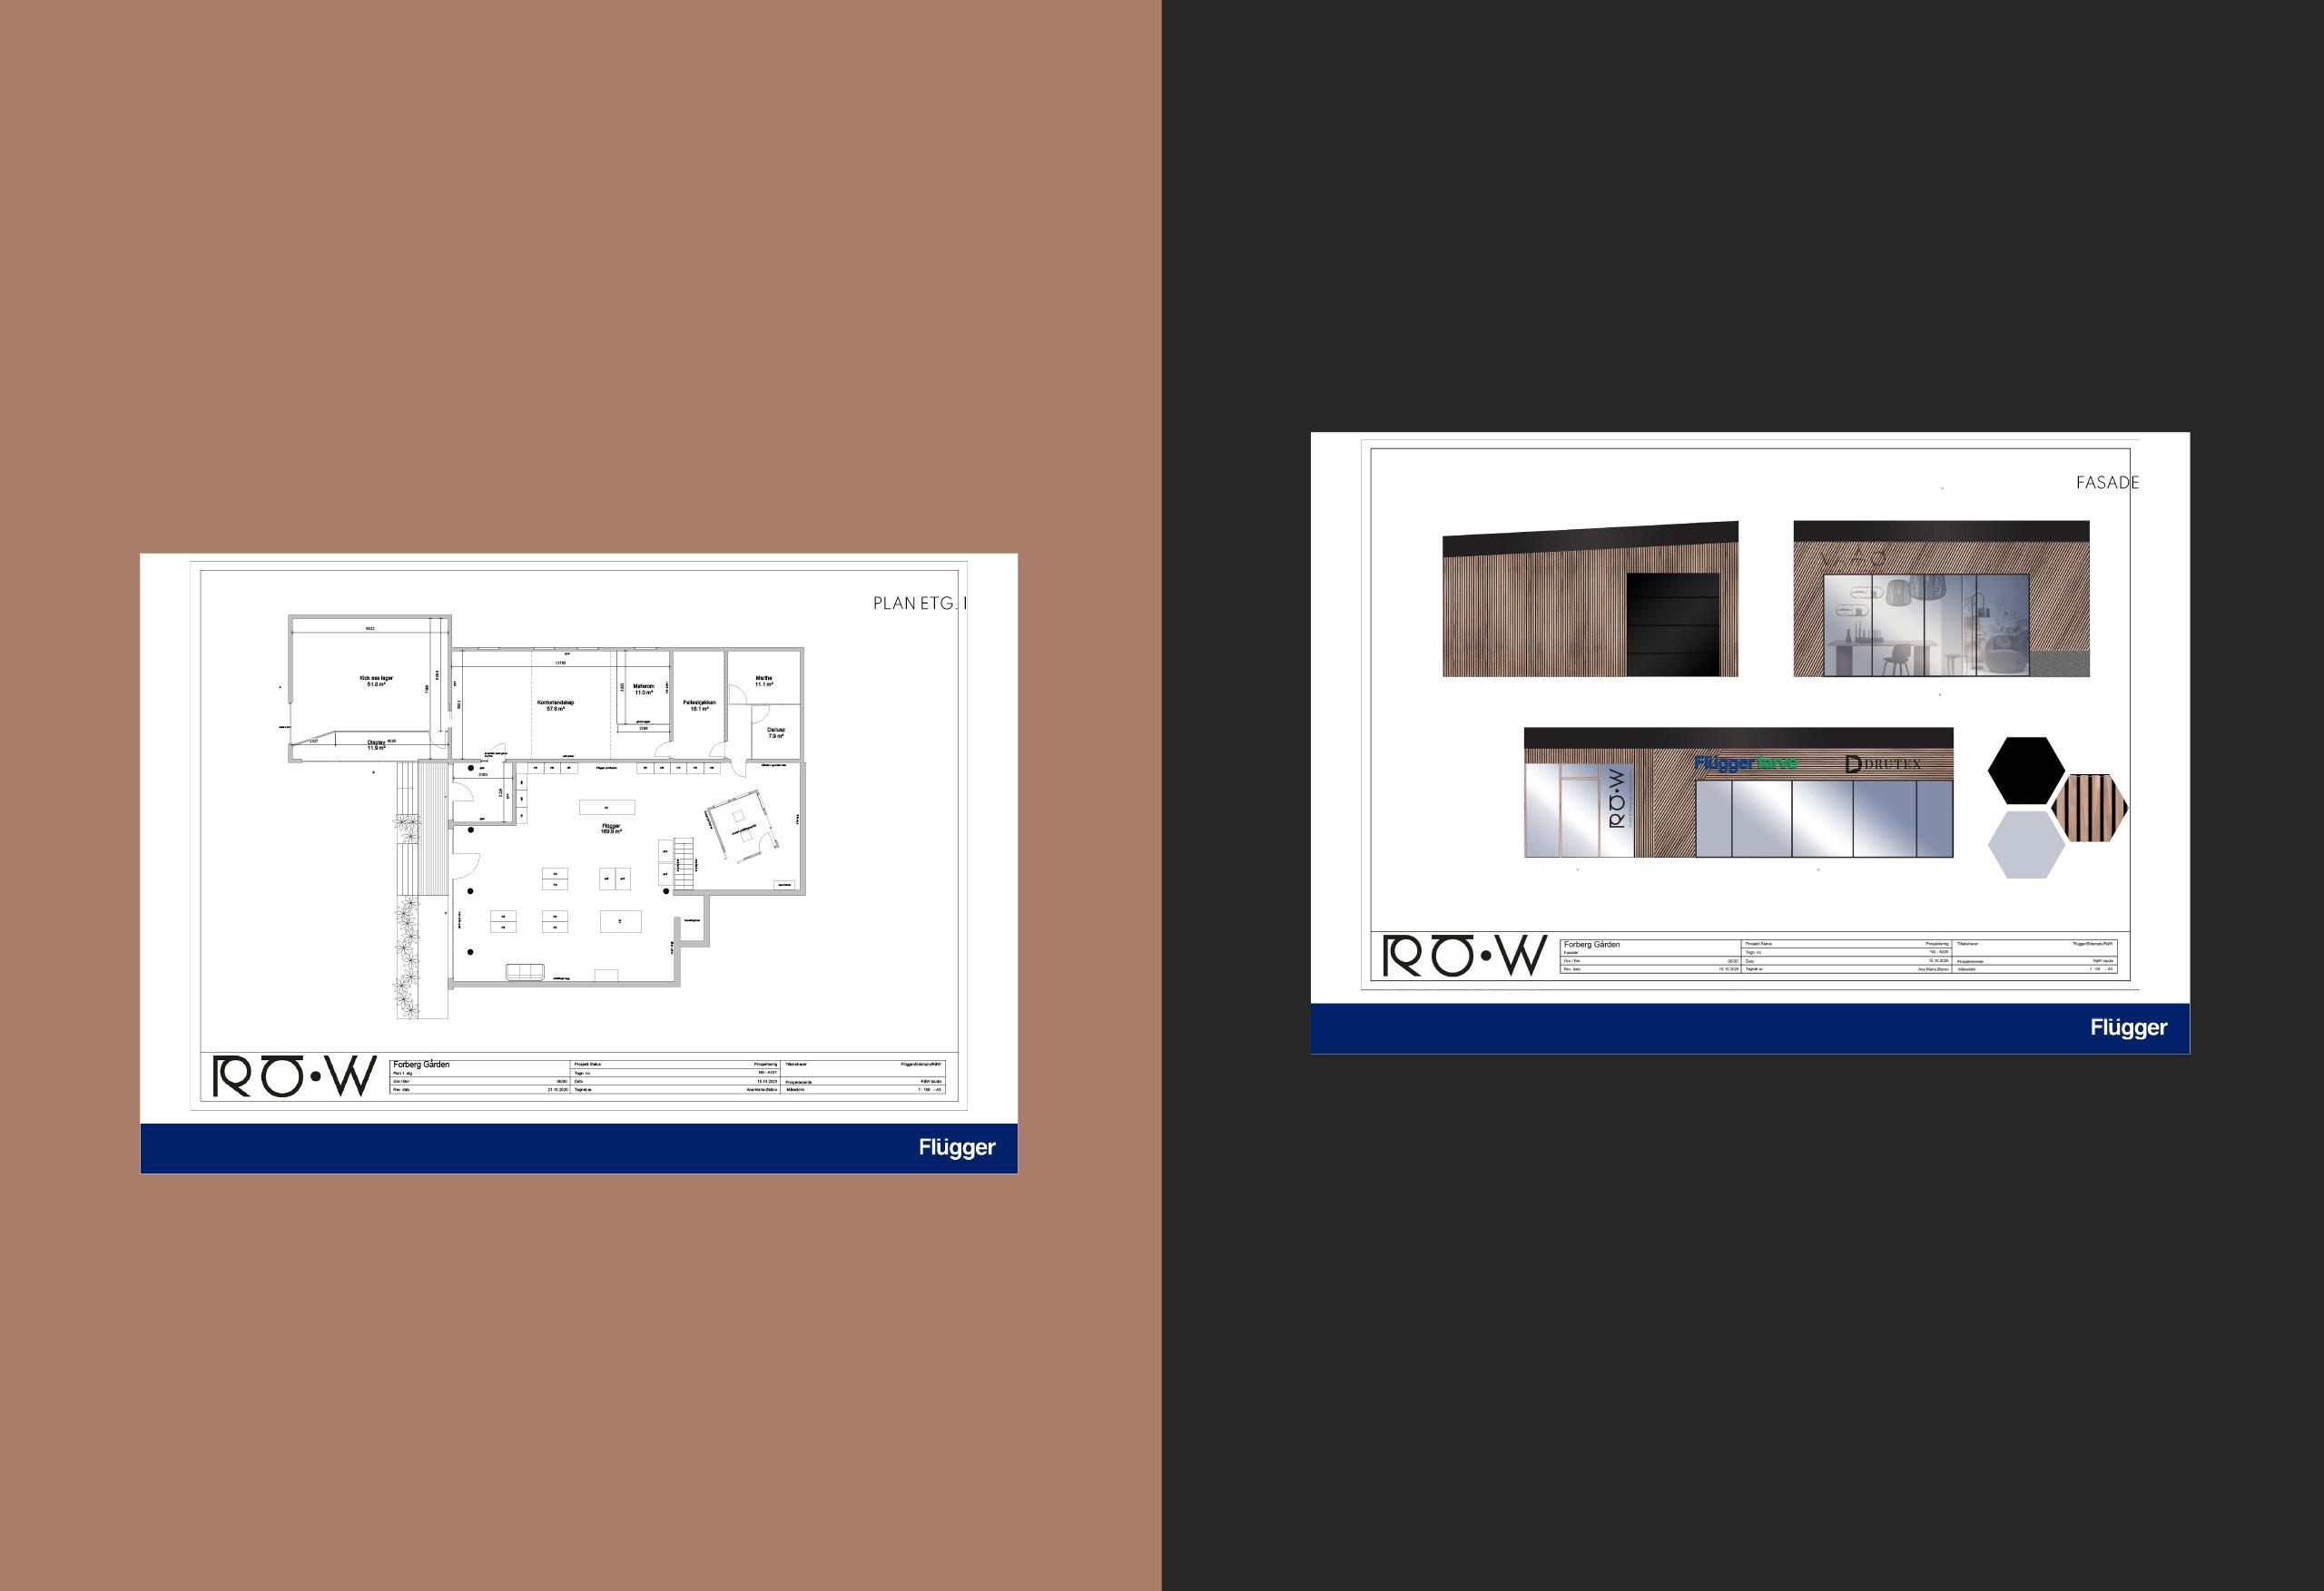 Plantegning interiør og eksteriør - Flügger farve Råhold